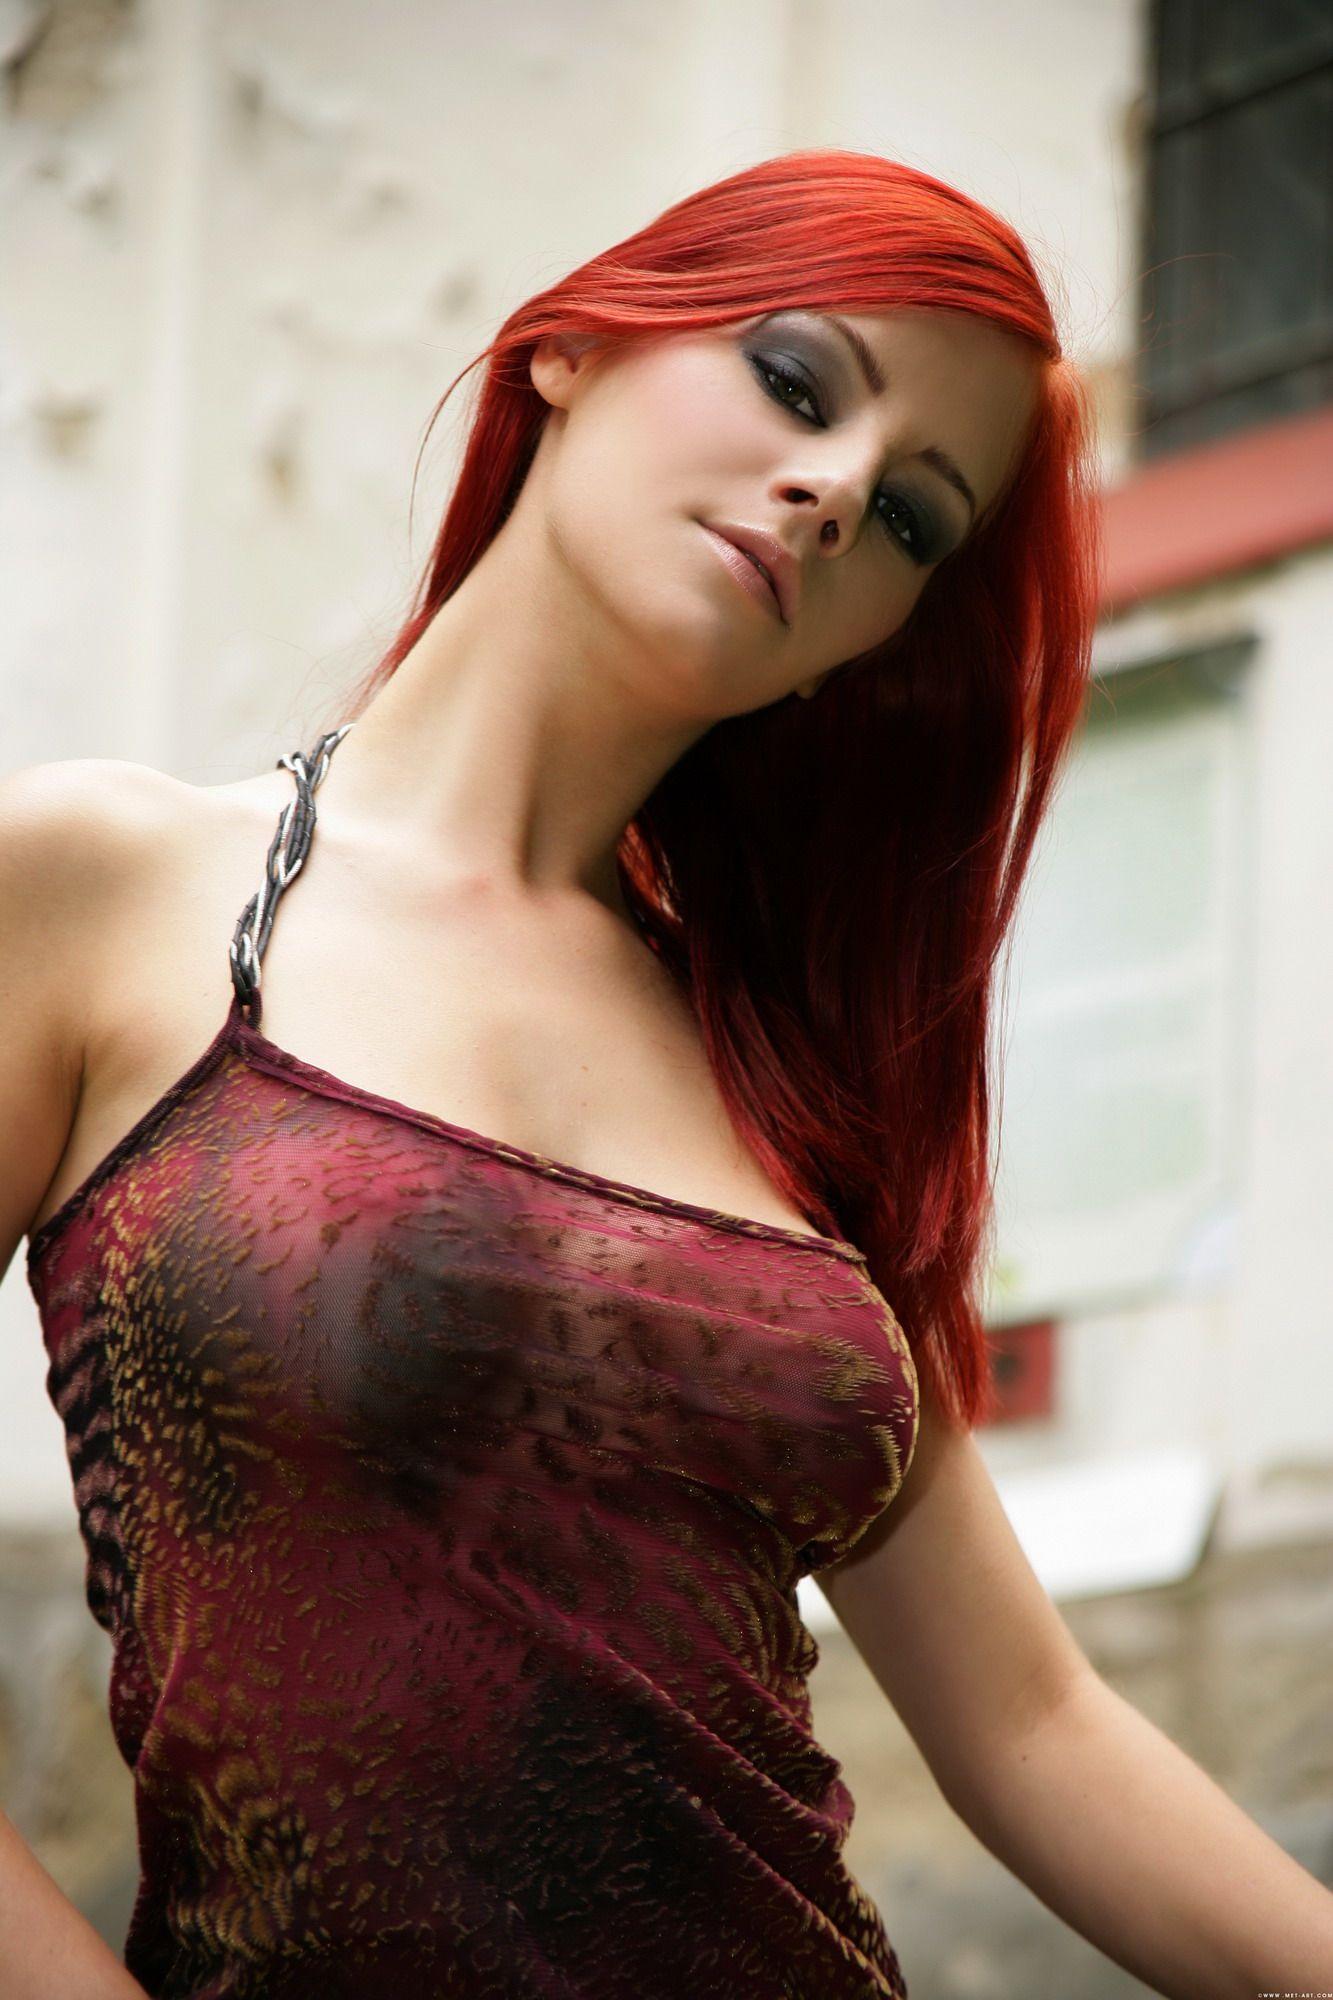 Ariel cutie redhead